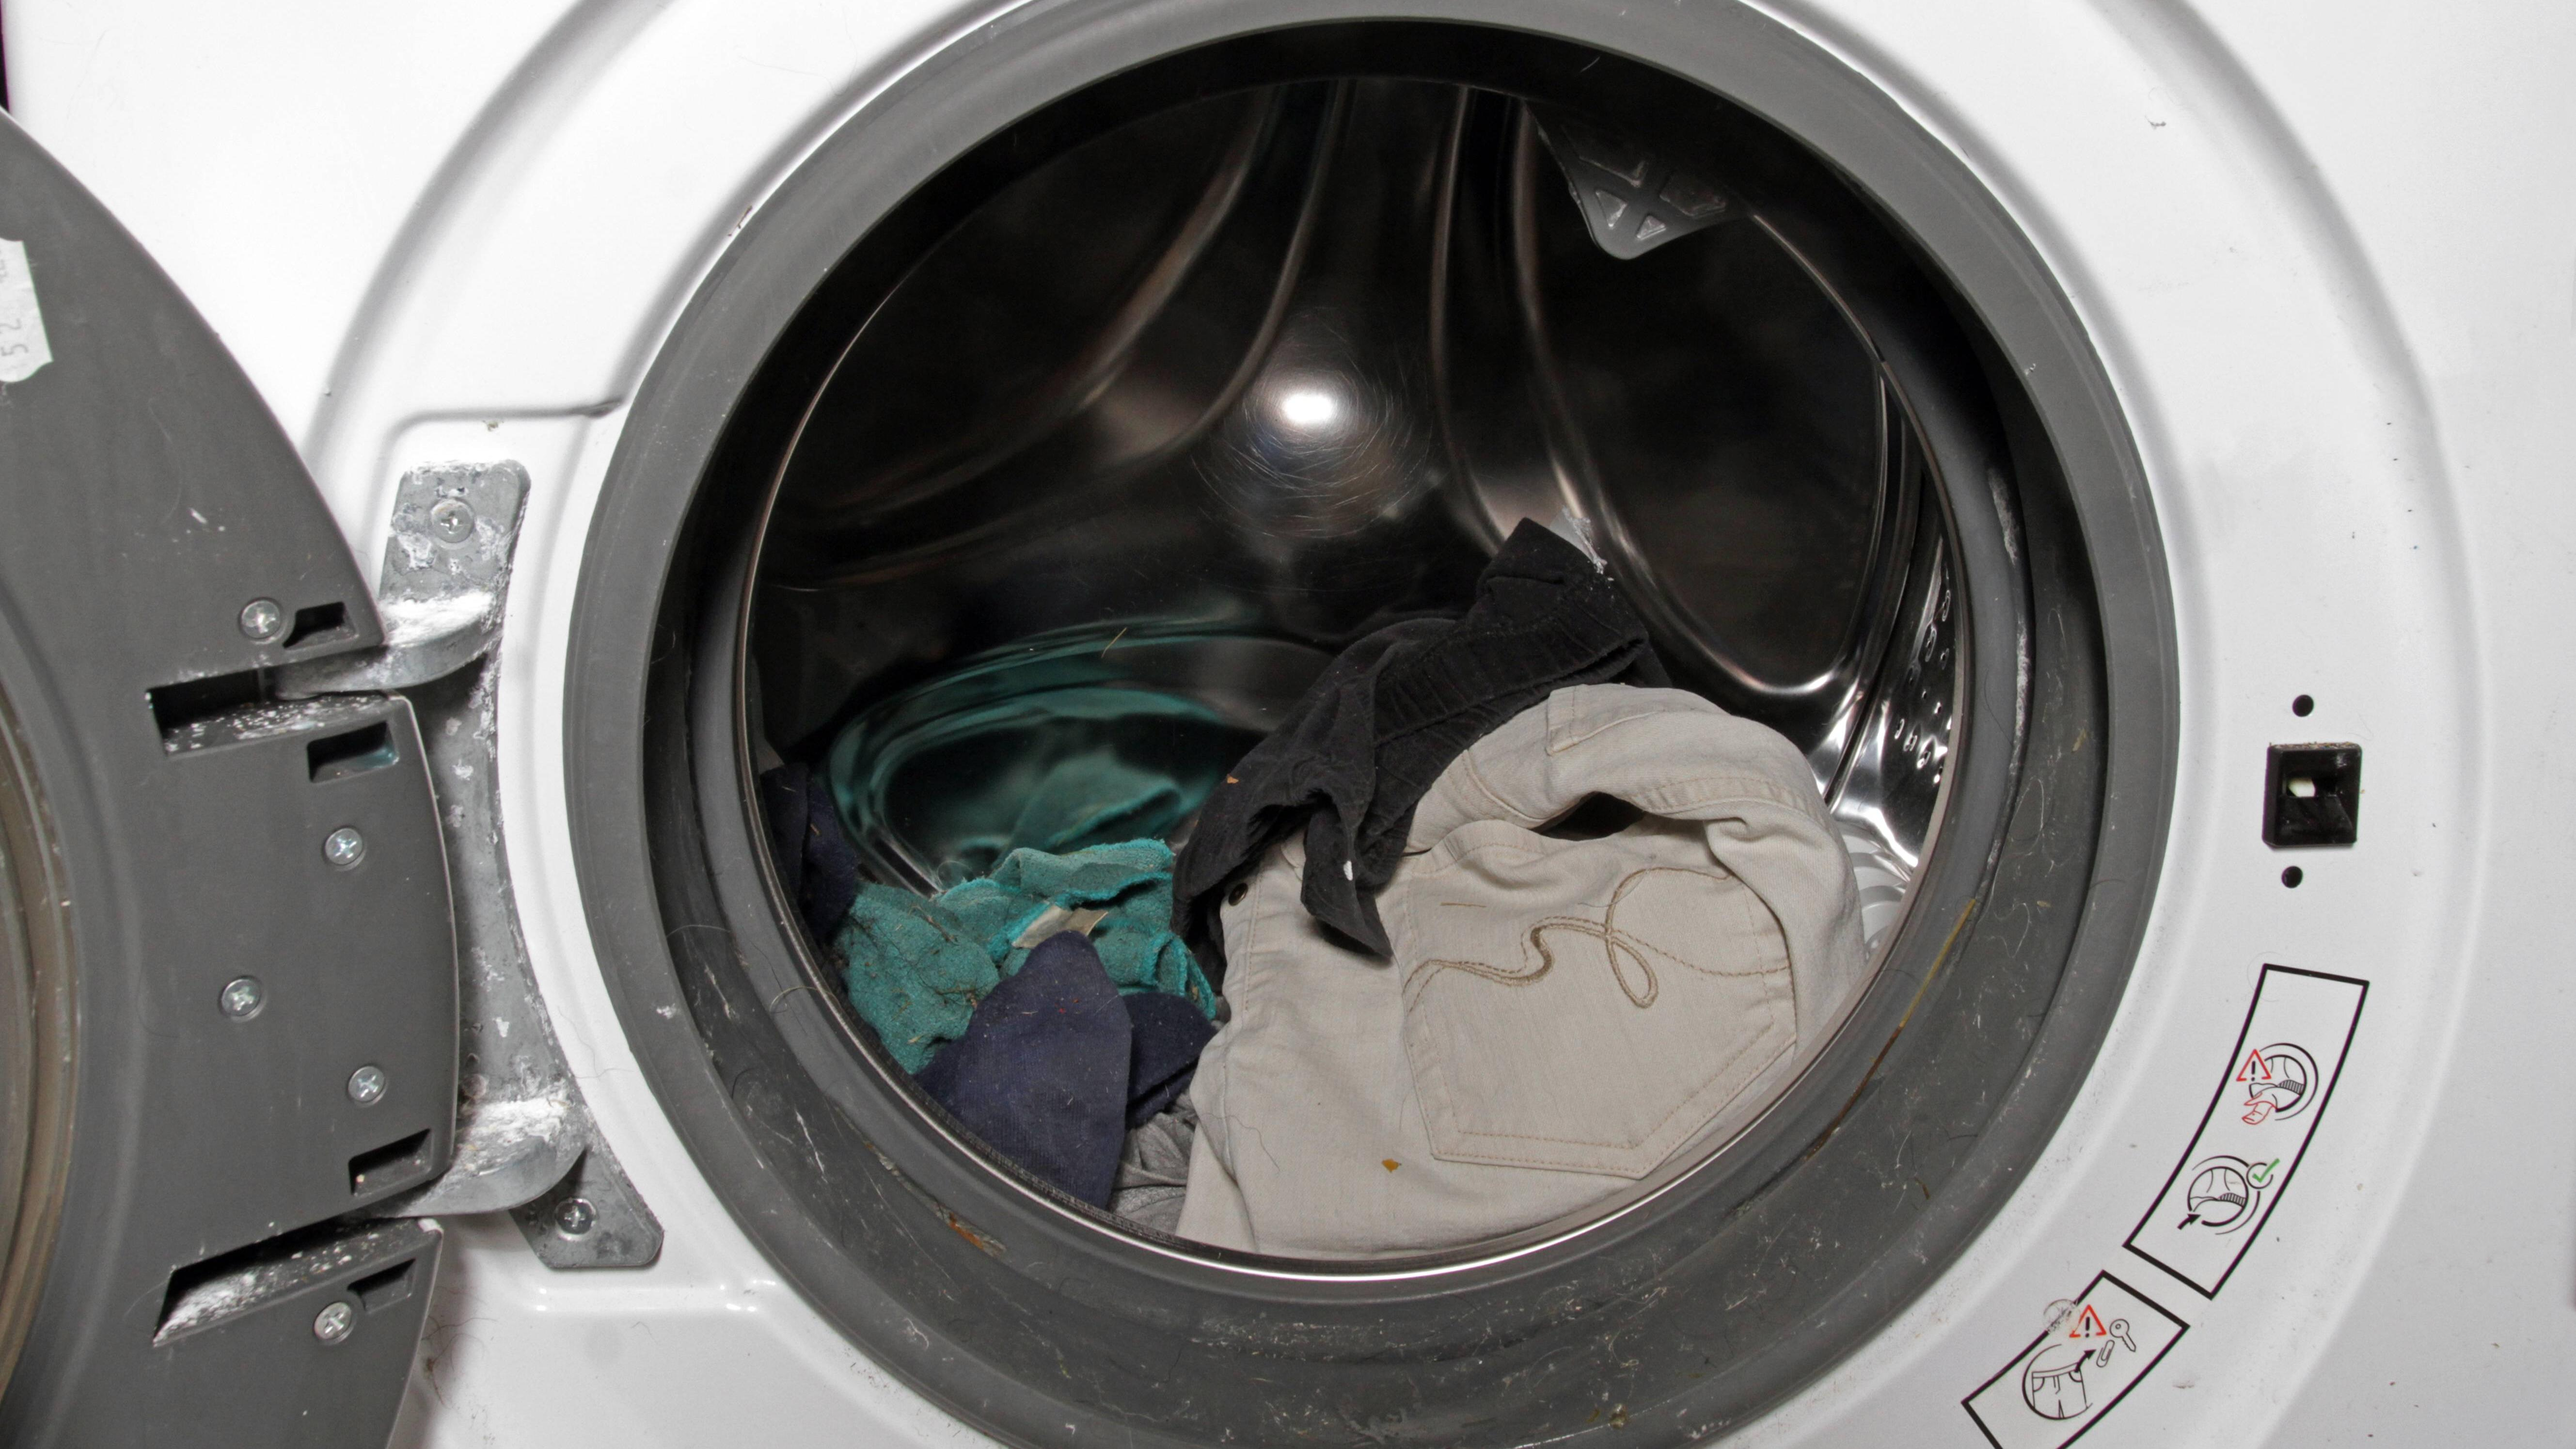 Schuhe in der Waschmaschine waschen: So geht es richtig